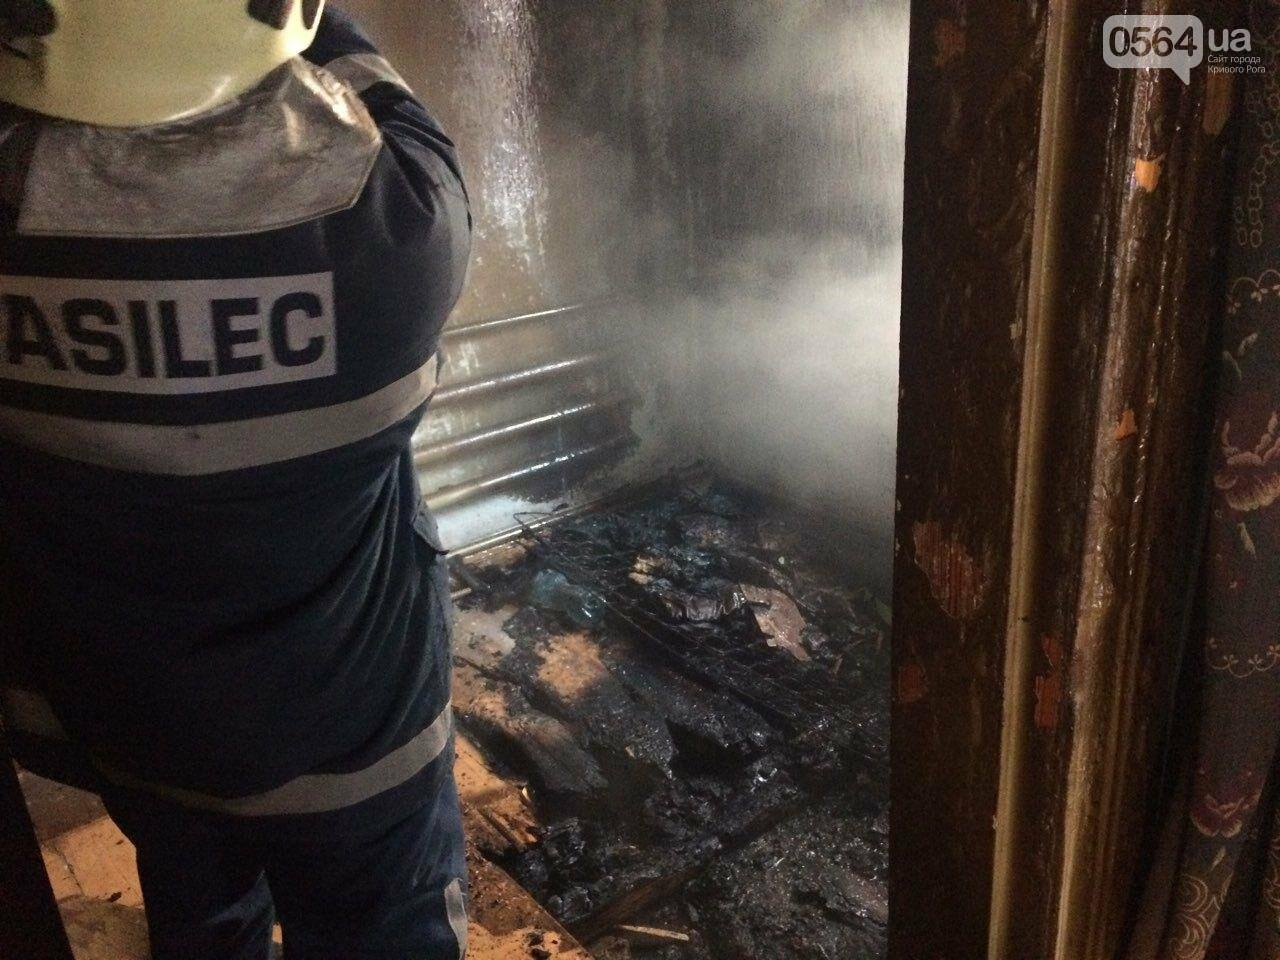 В Кривом Роге дедушка сгорел в собственном доме (ФОТО), фото-3